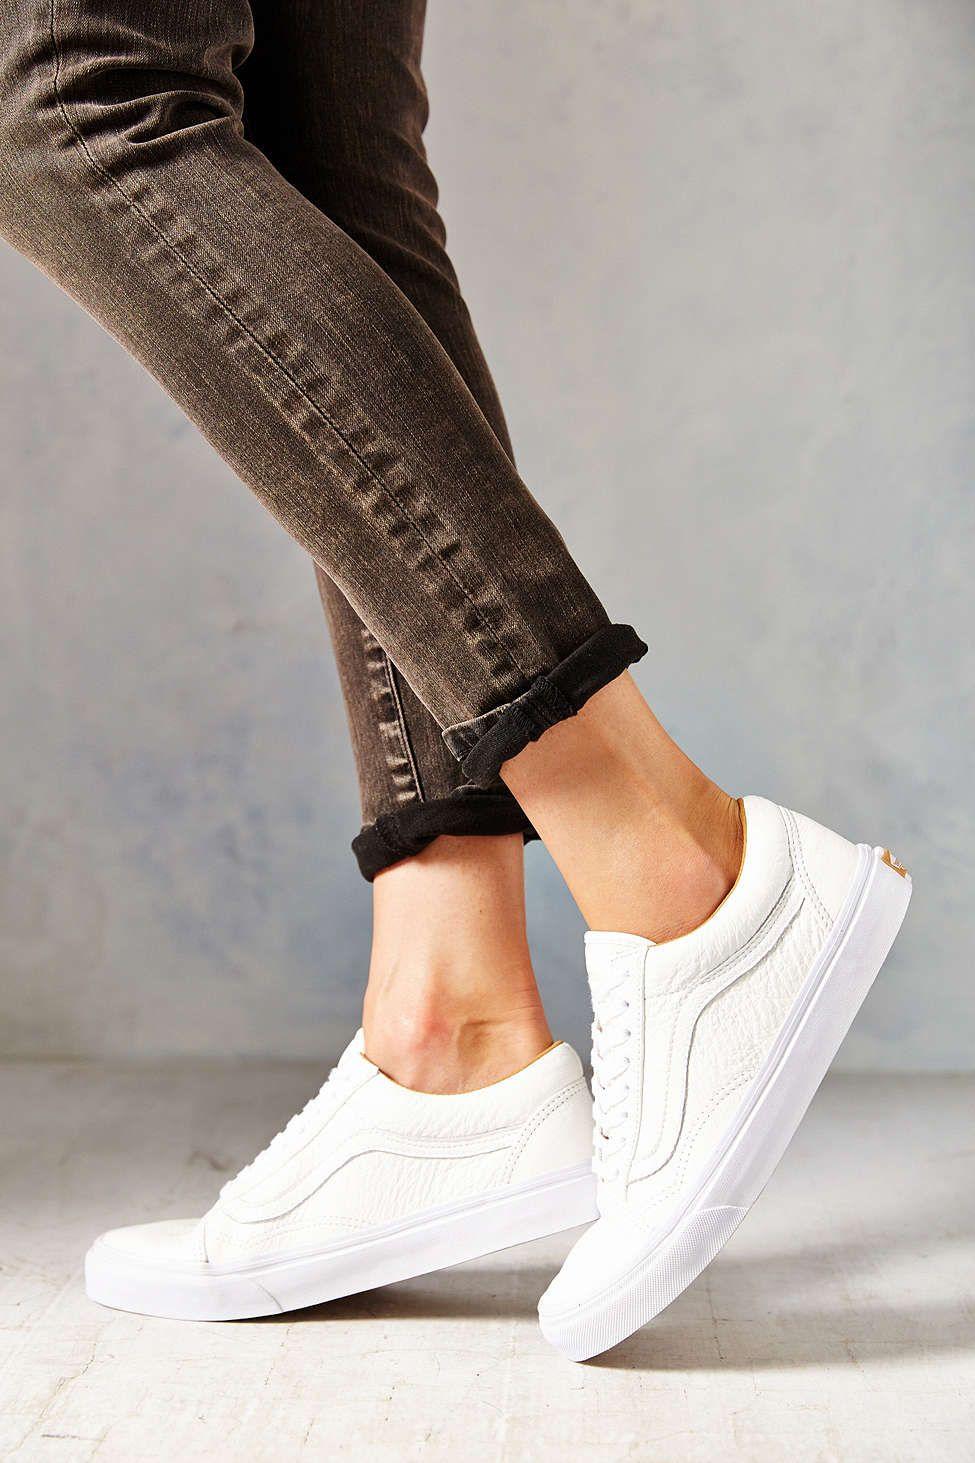 Vans Old Skool Premium Leather Low Top Women S Sneaker Vans Schuhe Damen Sneakers Mode Und Schuhe Damen